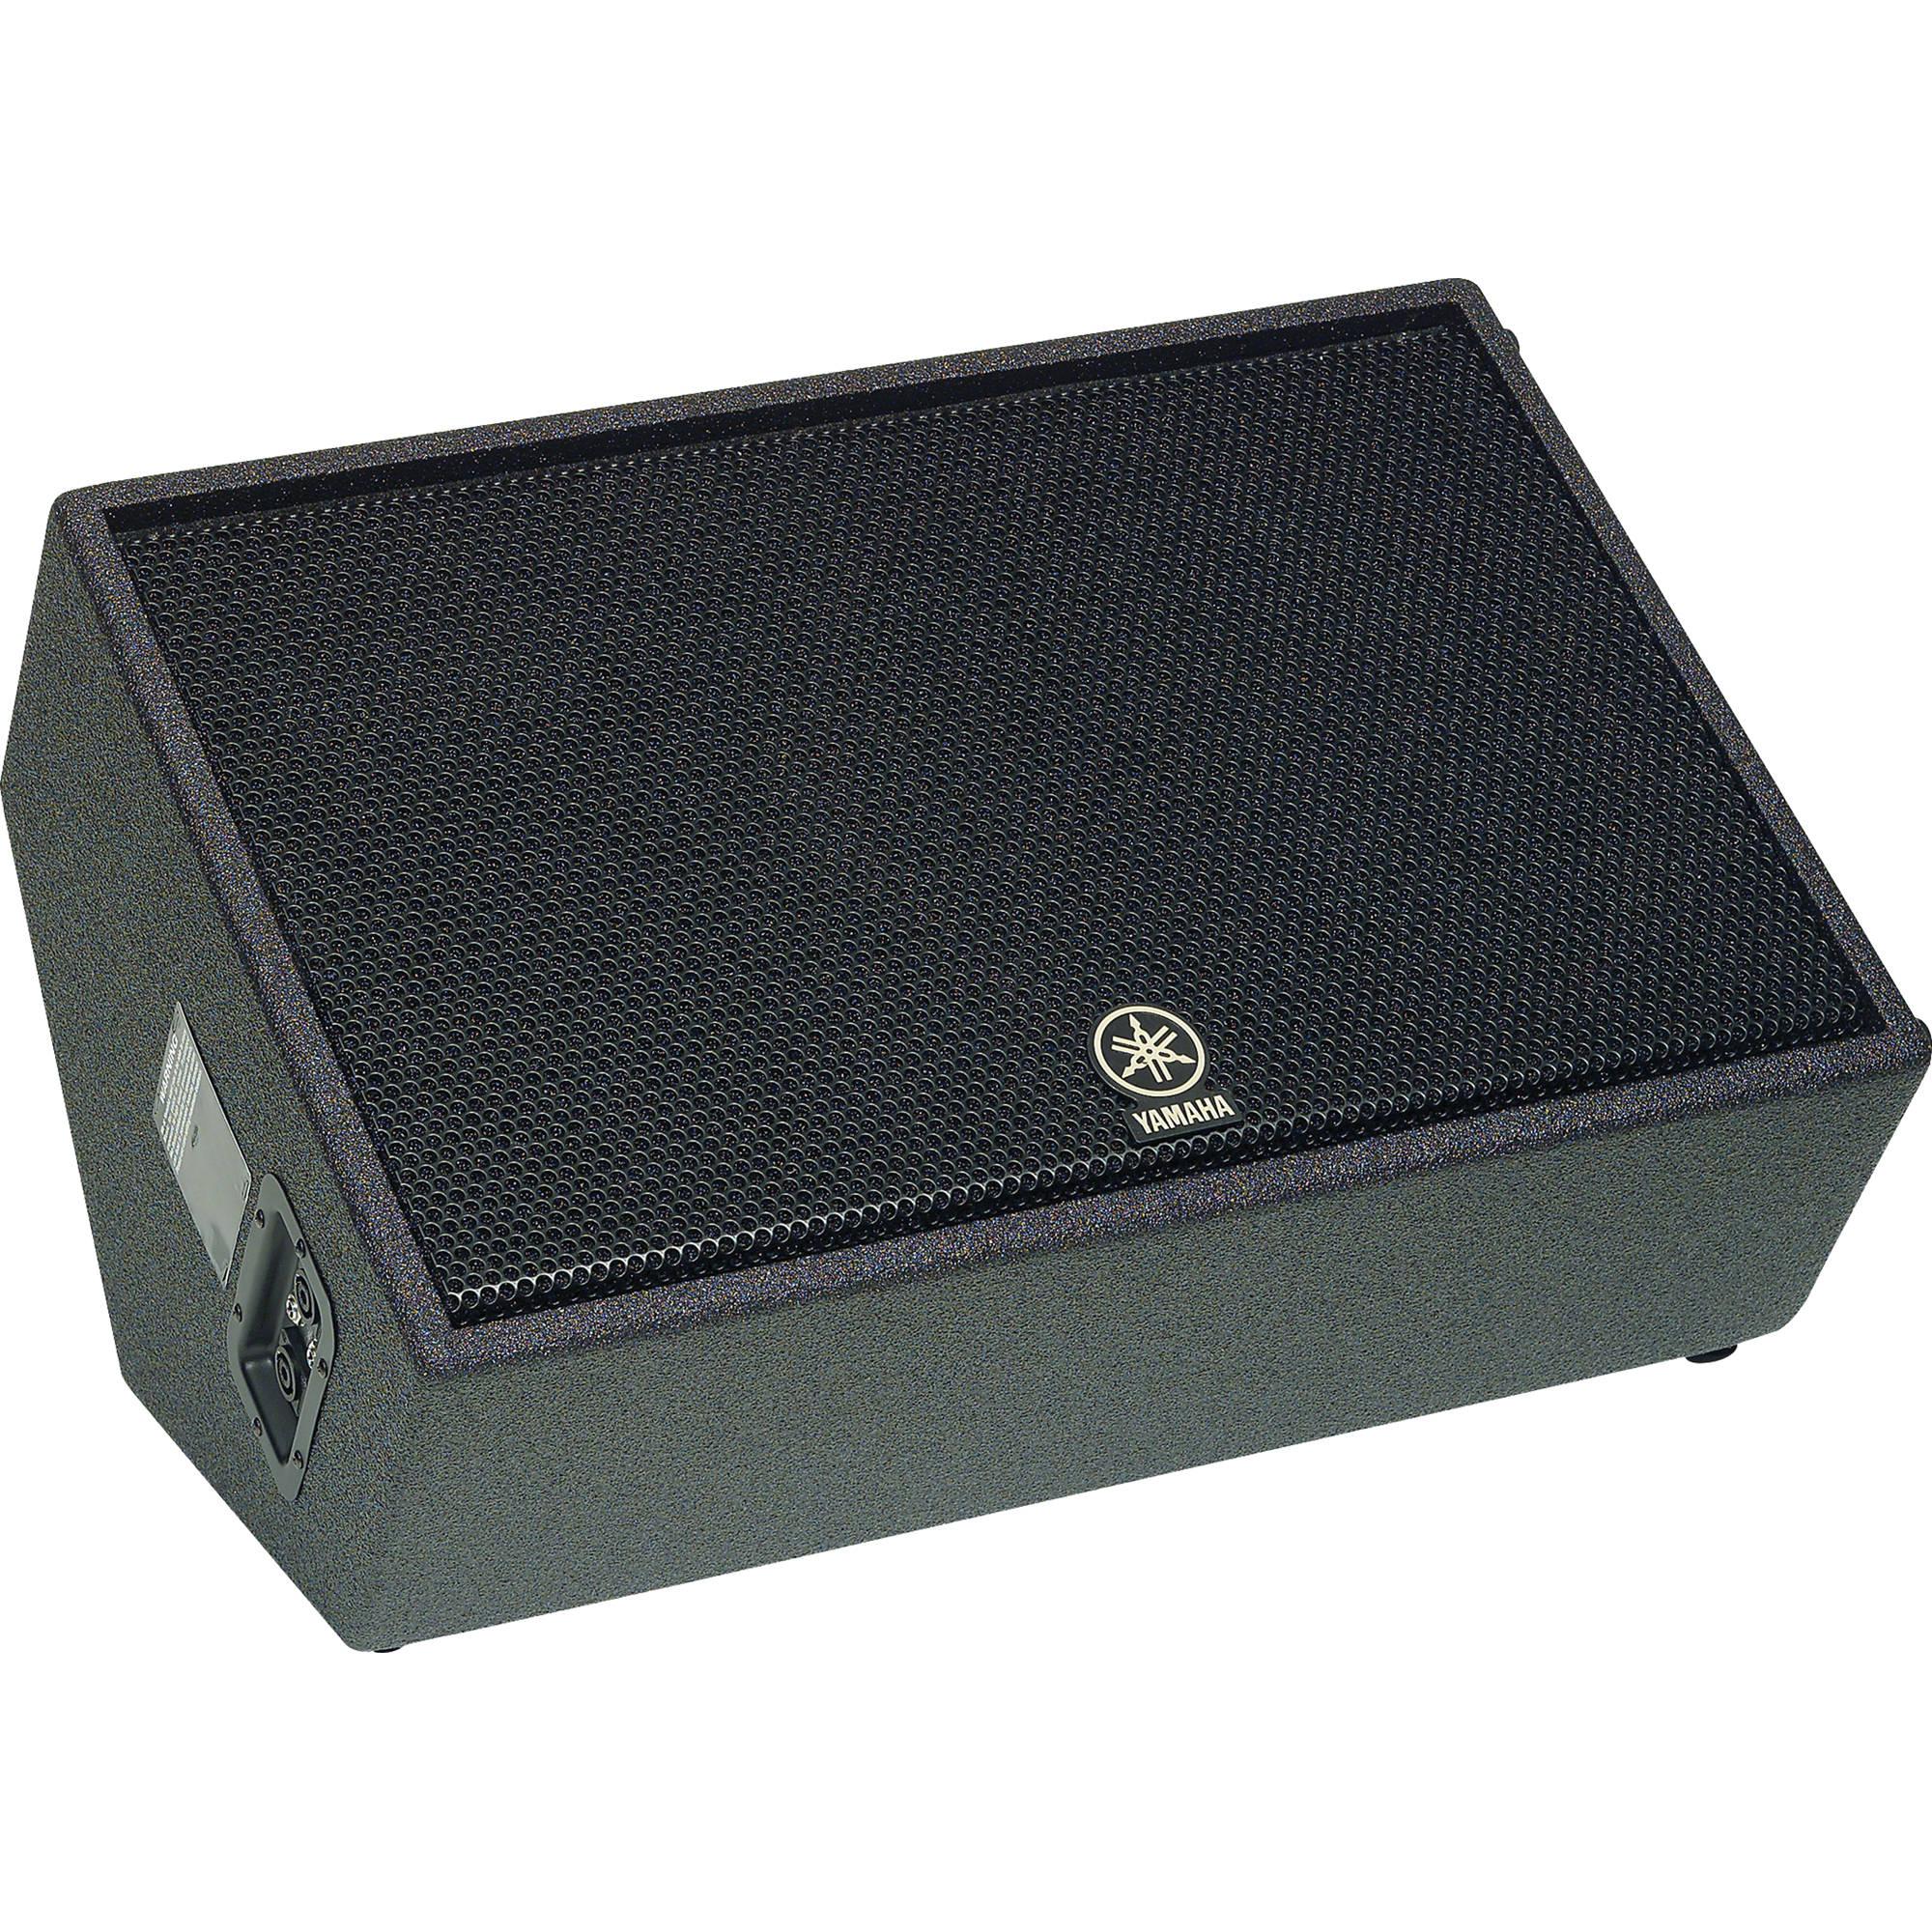 yamaha cm15v 15 2 way 500 watt p a floor monitor cm15v. Black Bedroom Furniture Sets. Home Design Ideas